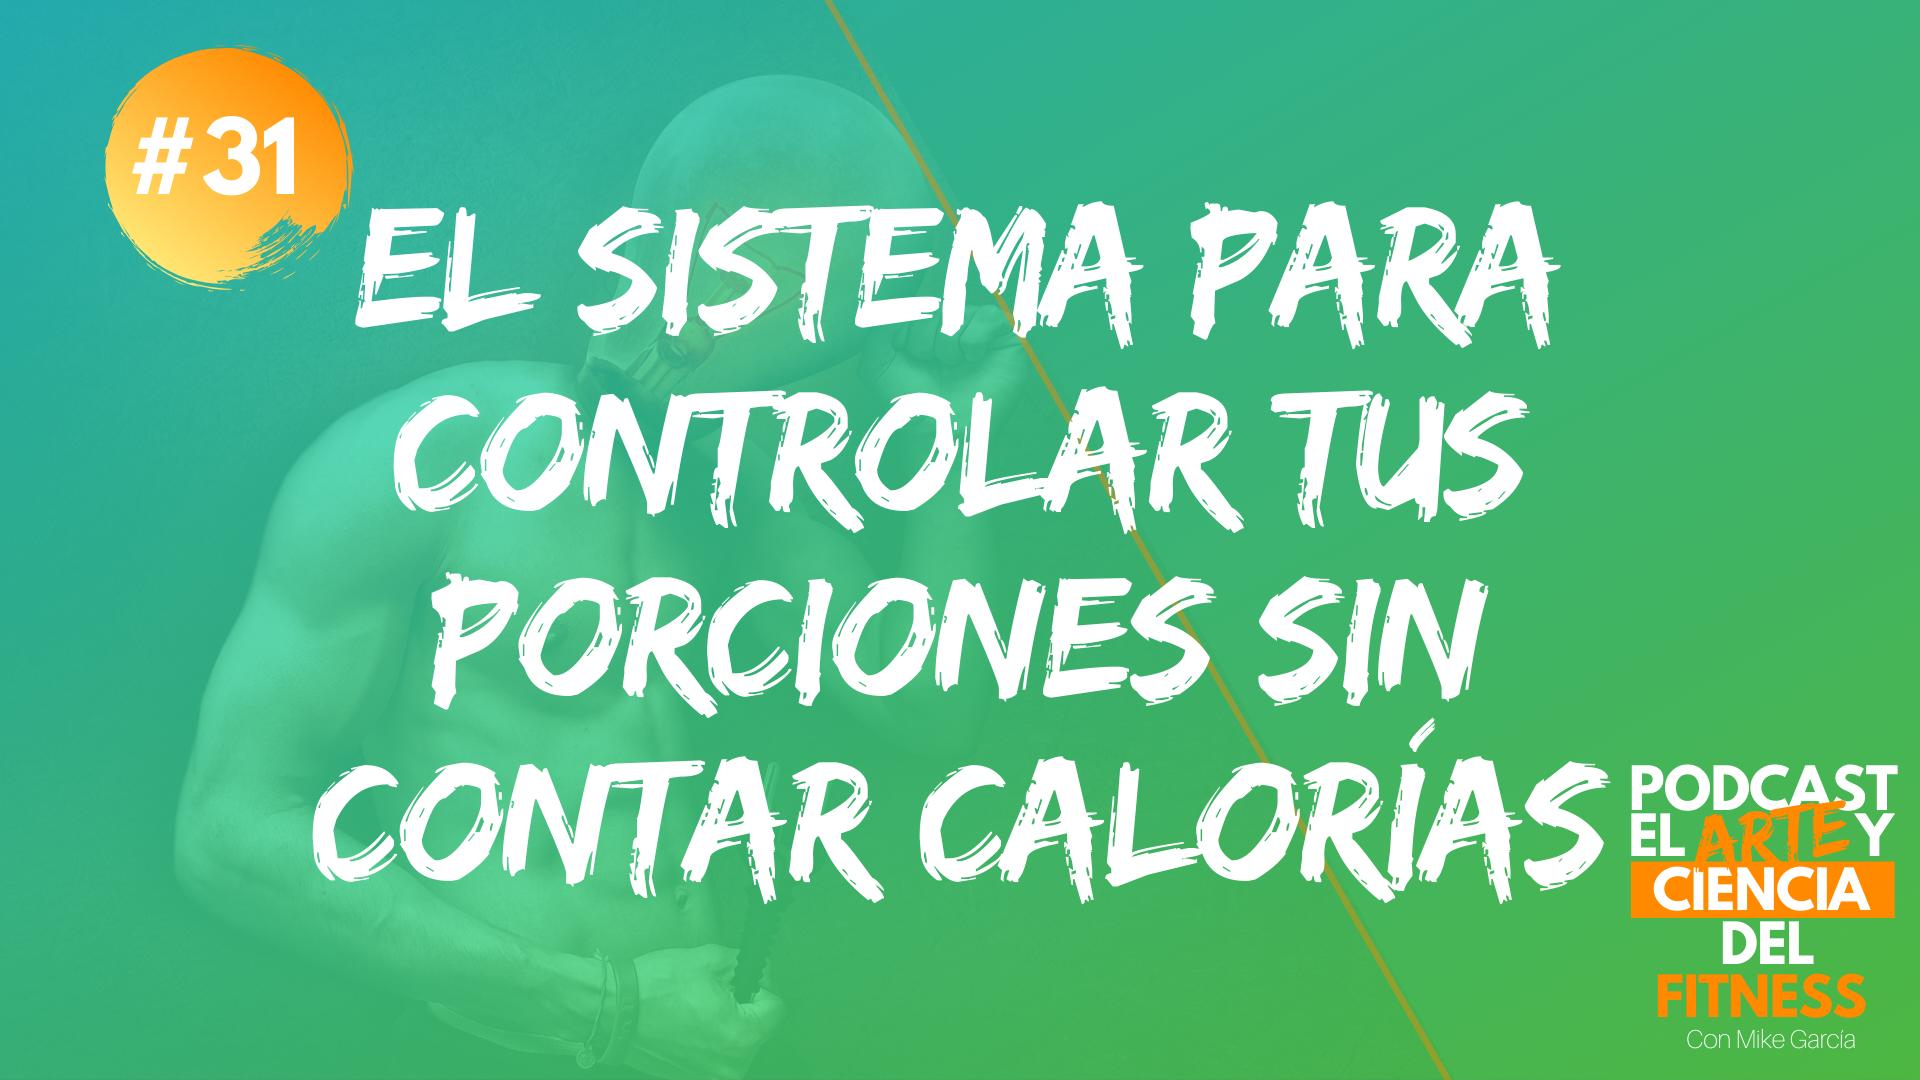 Podcast #31: El Sistema Para Controlar Tus Porciones Sin Contar Calorías